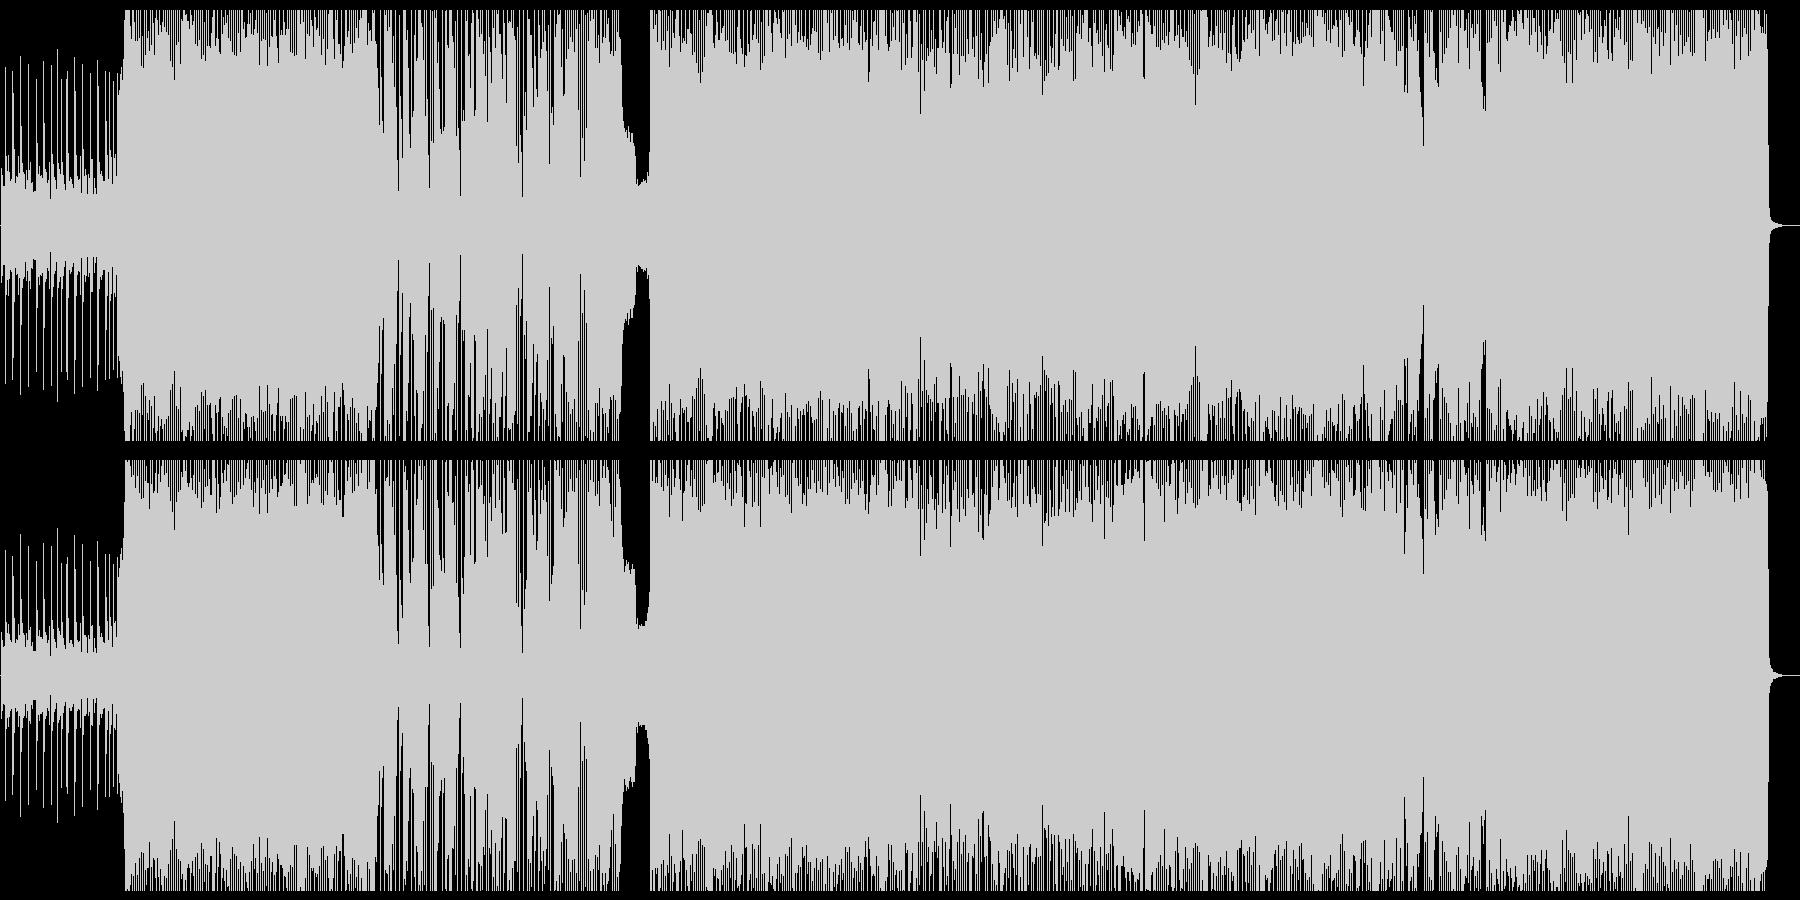 パンク ポップロック ポジティブ ...の未再生の波形